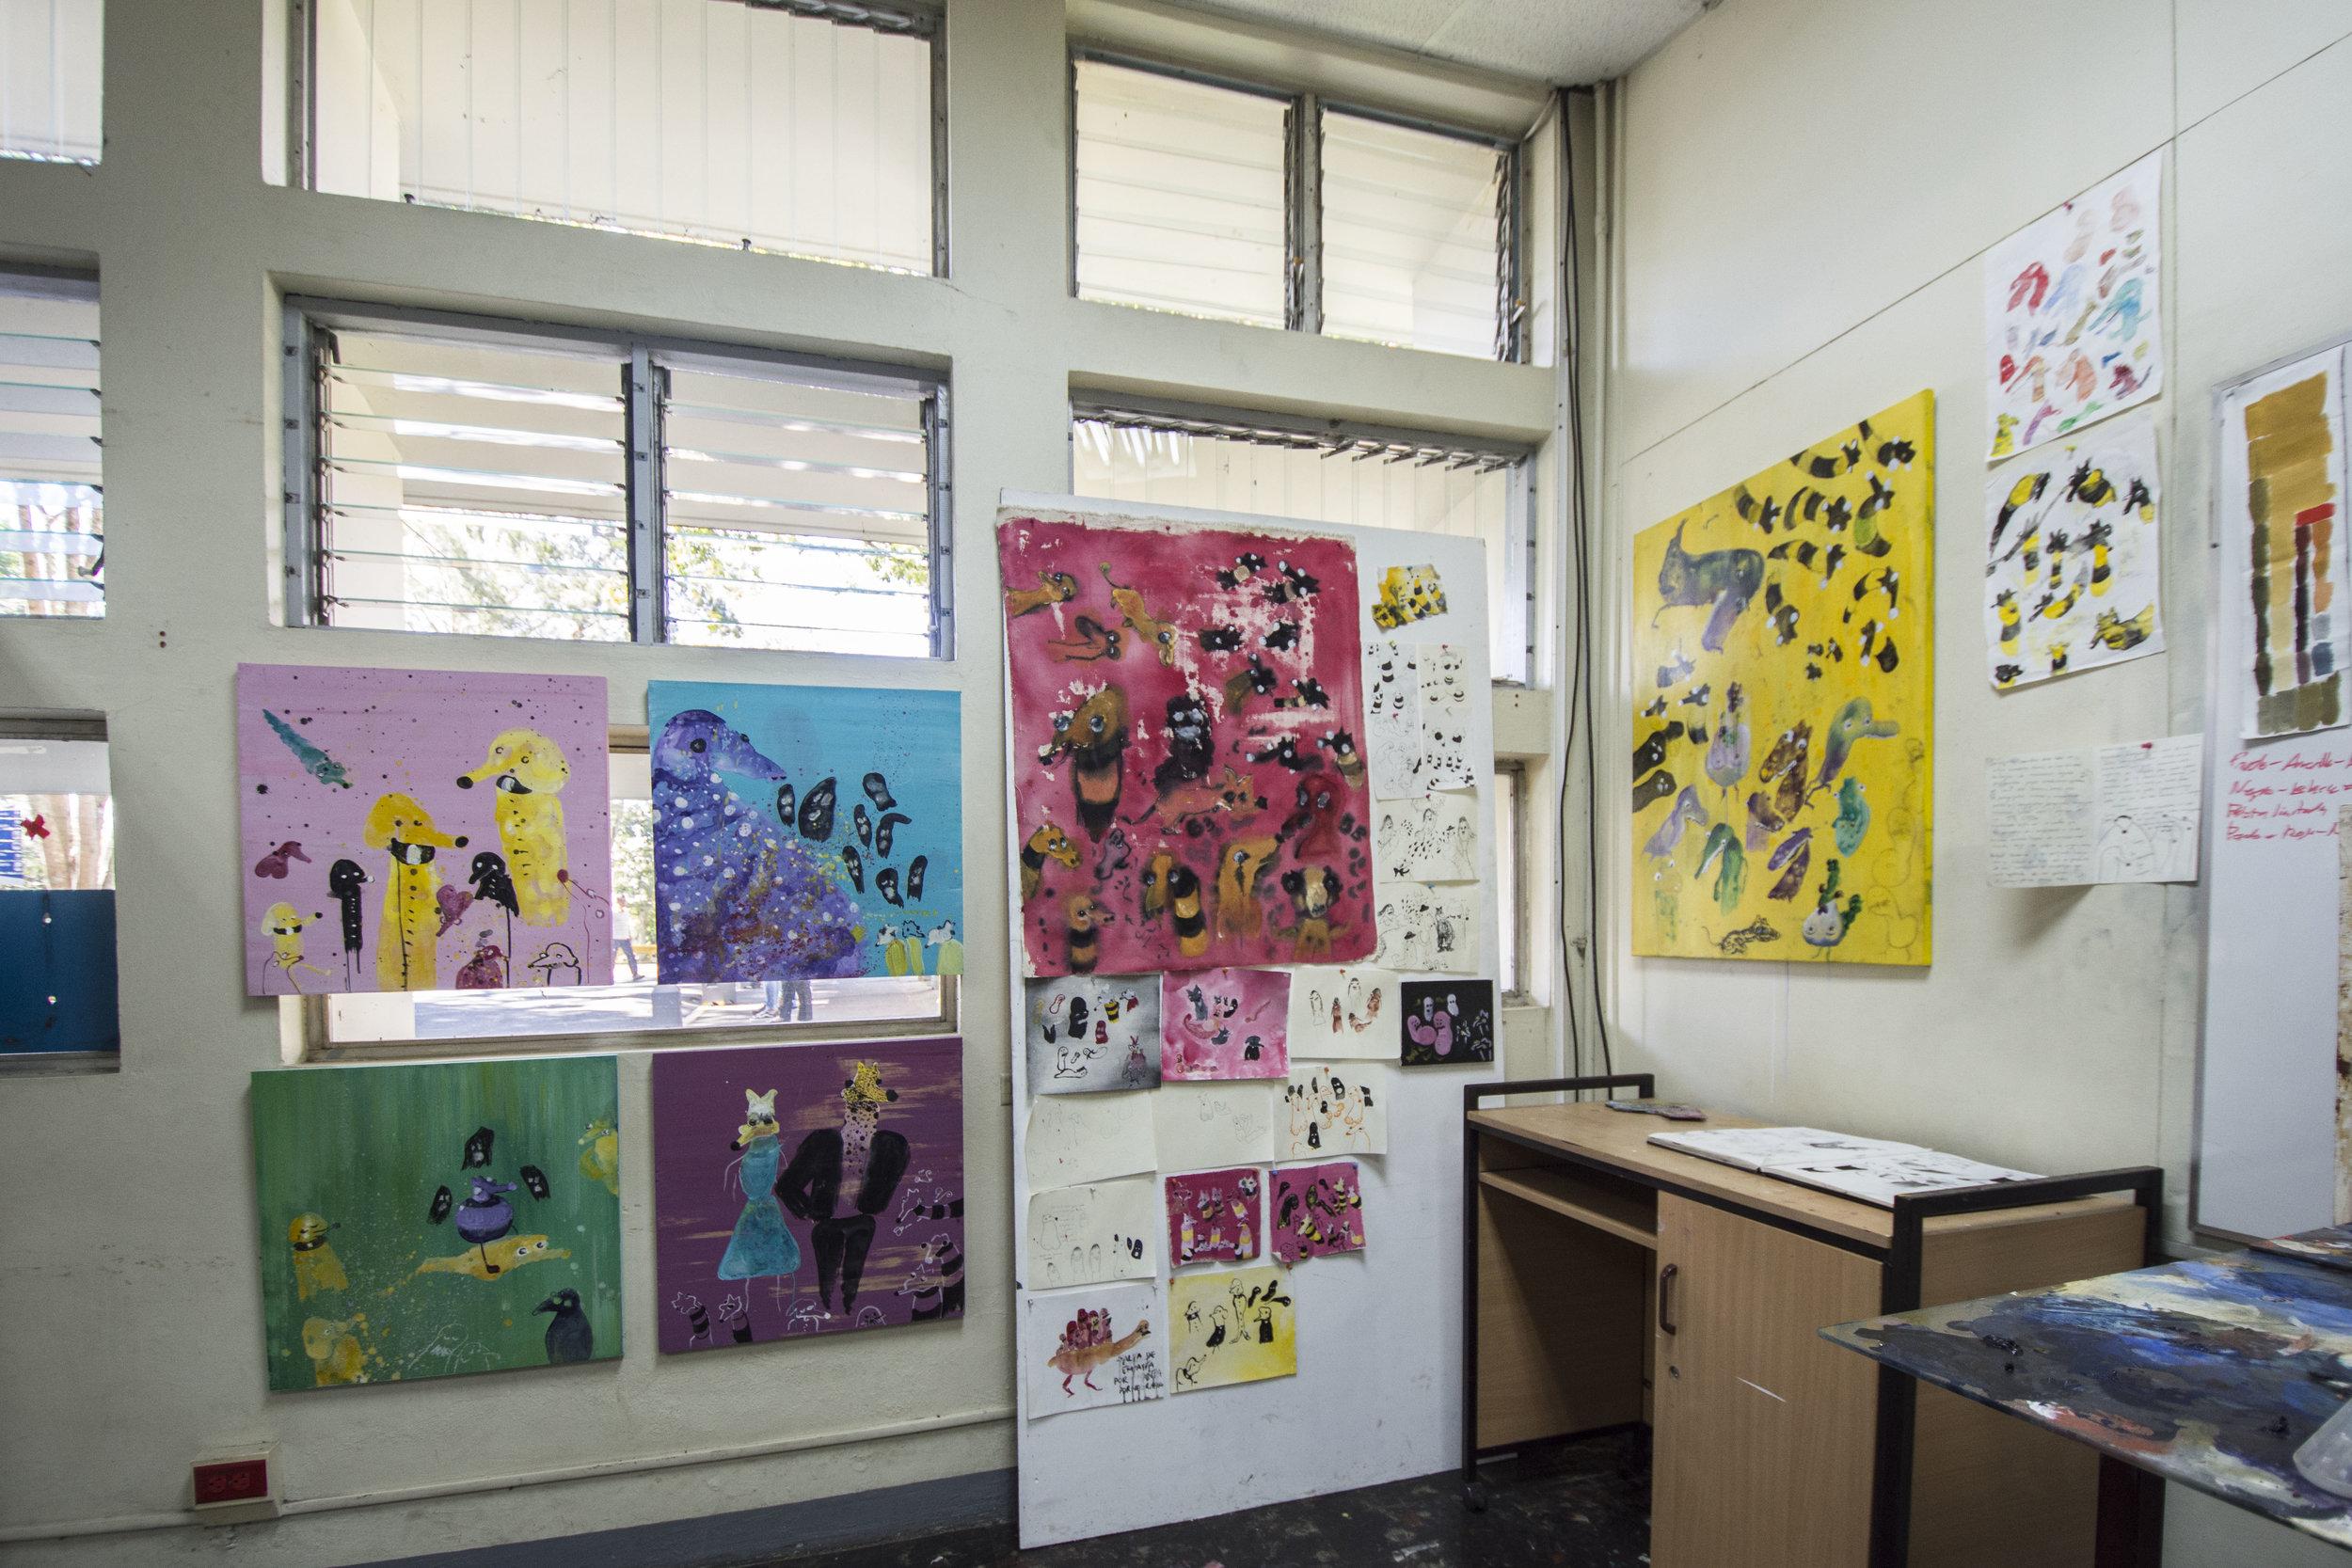 espacio de trabajo de    karina torres      imagen cortesía de    adriana araya